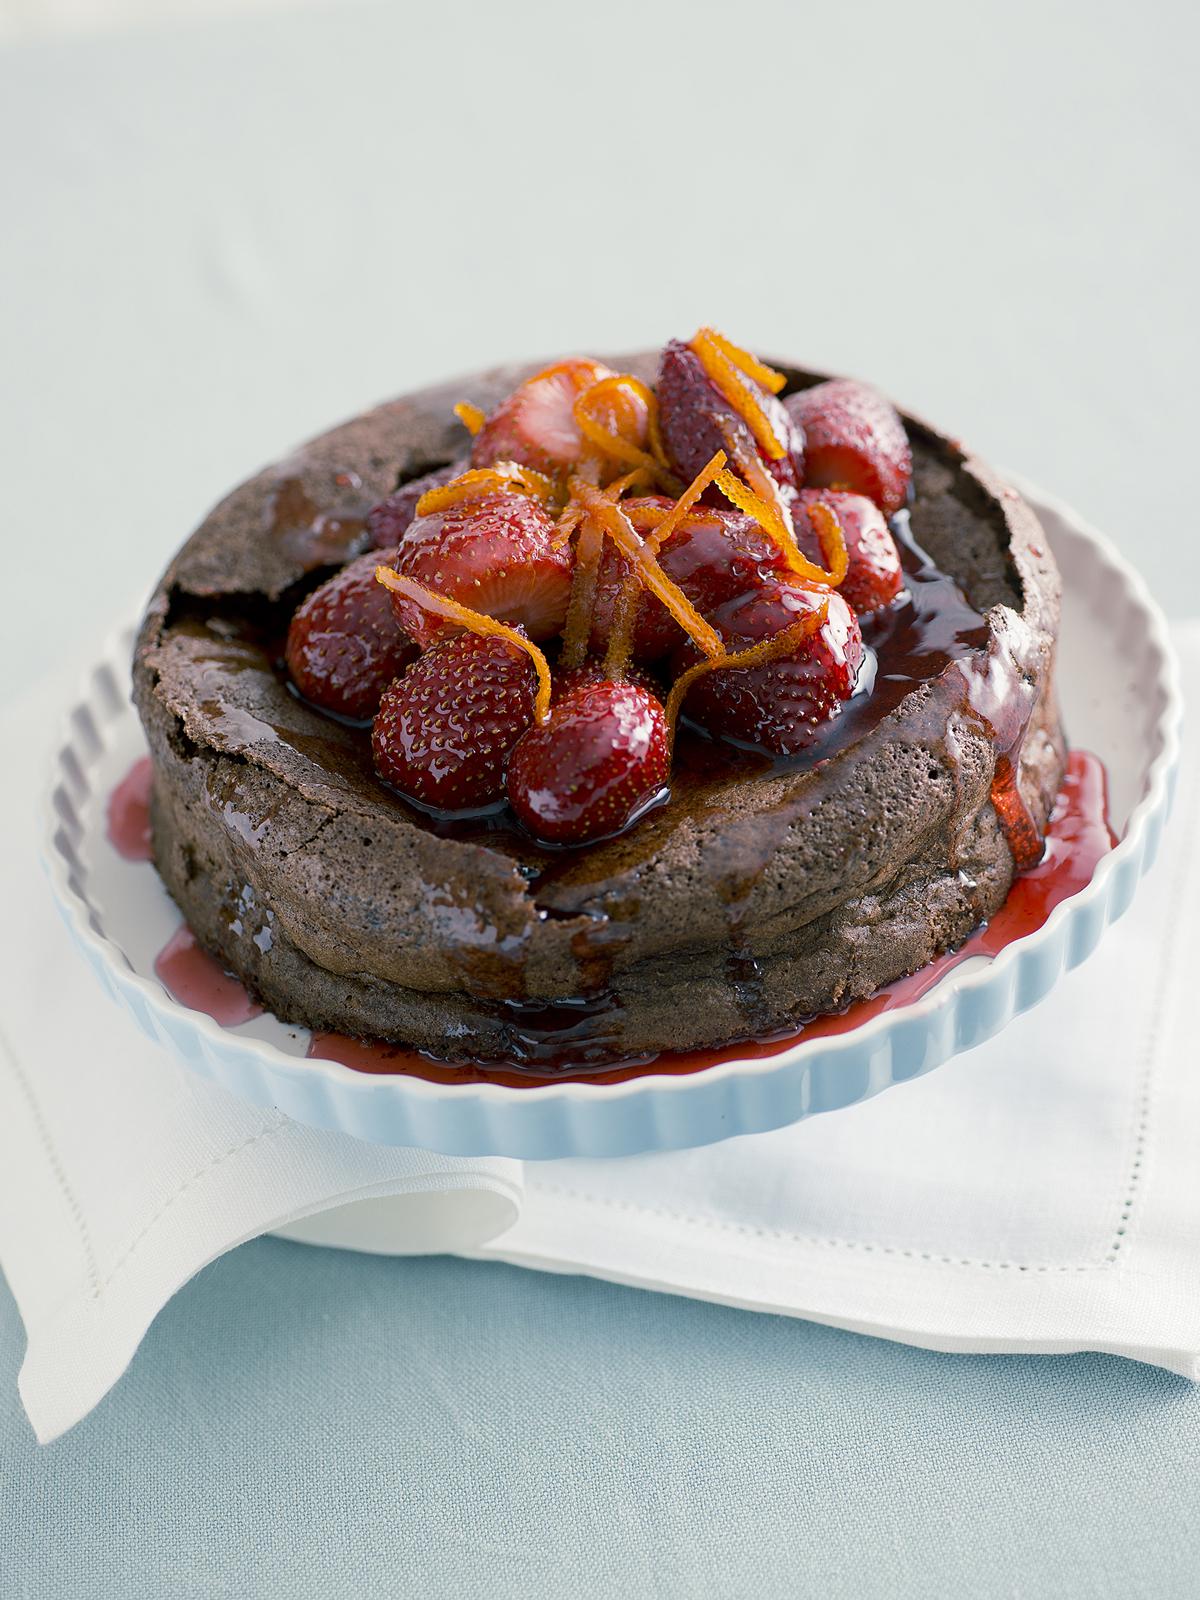 Le 10 migliori ricette di torte al cioccolato sale pepe for Ricette di torte